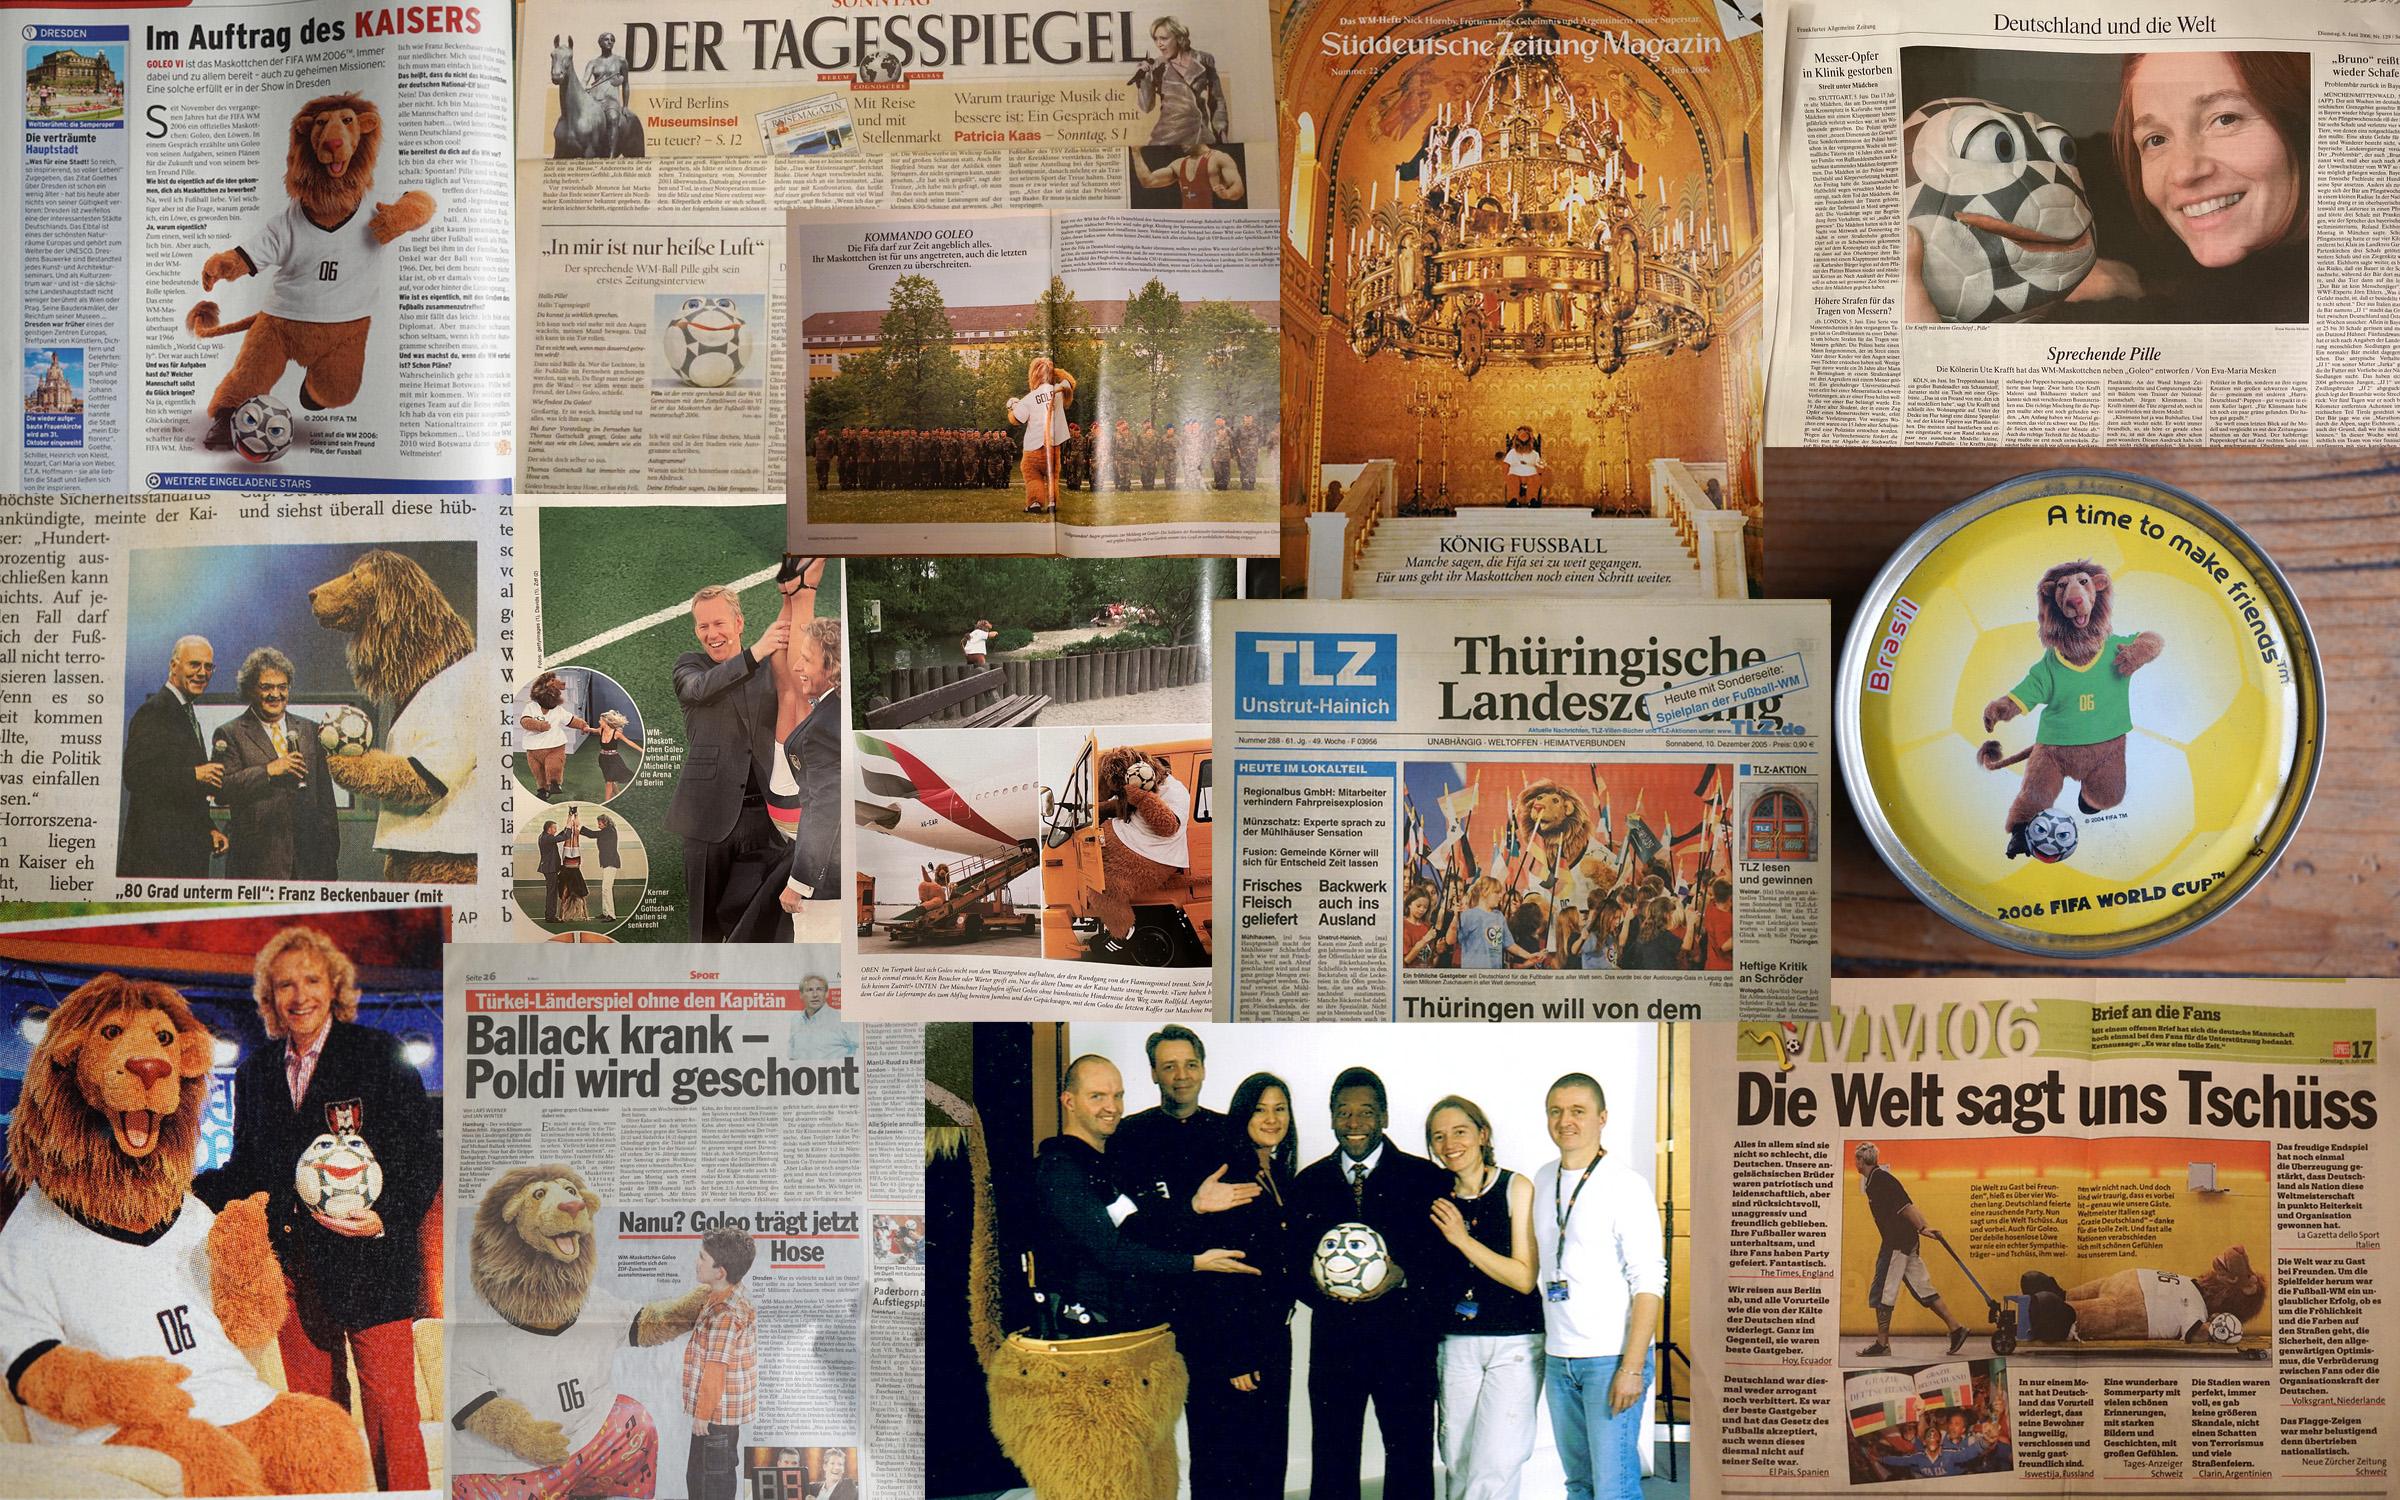 Collage aus Presseartikeln zu Pille und Goleo